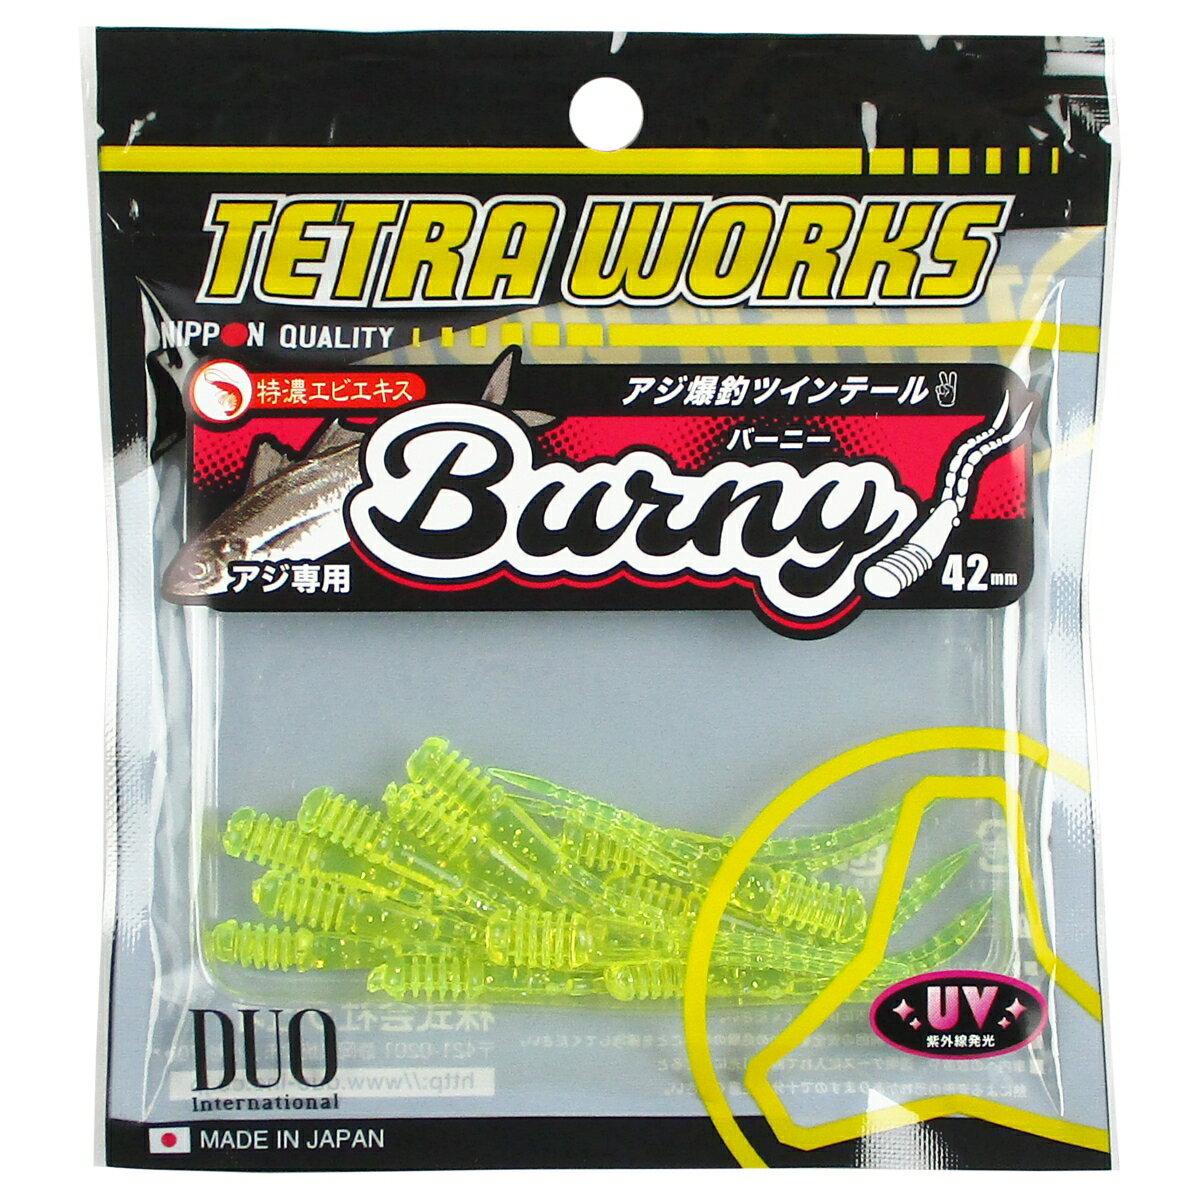 デュオ TETRA WORKS Burny S508 レモンサイダー【ゆうパケット】